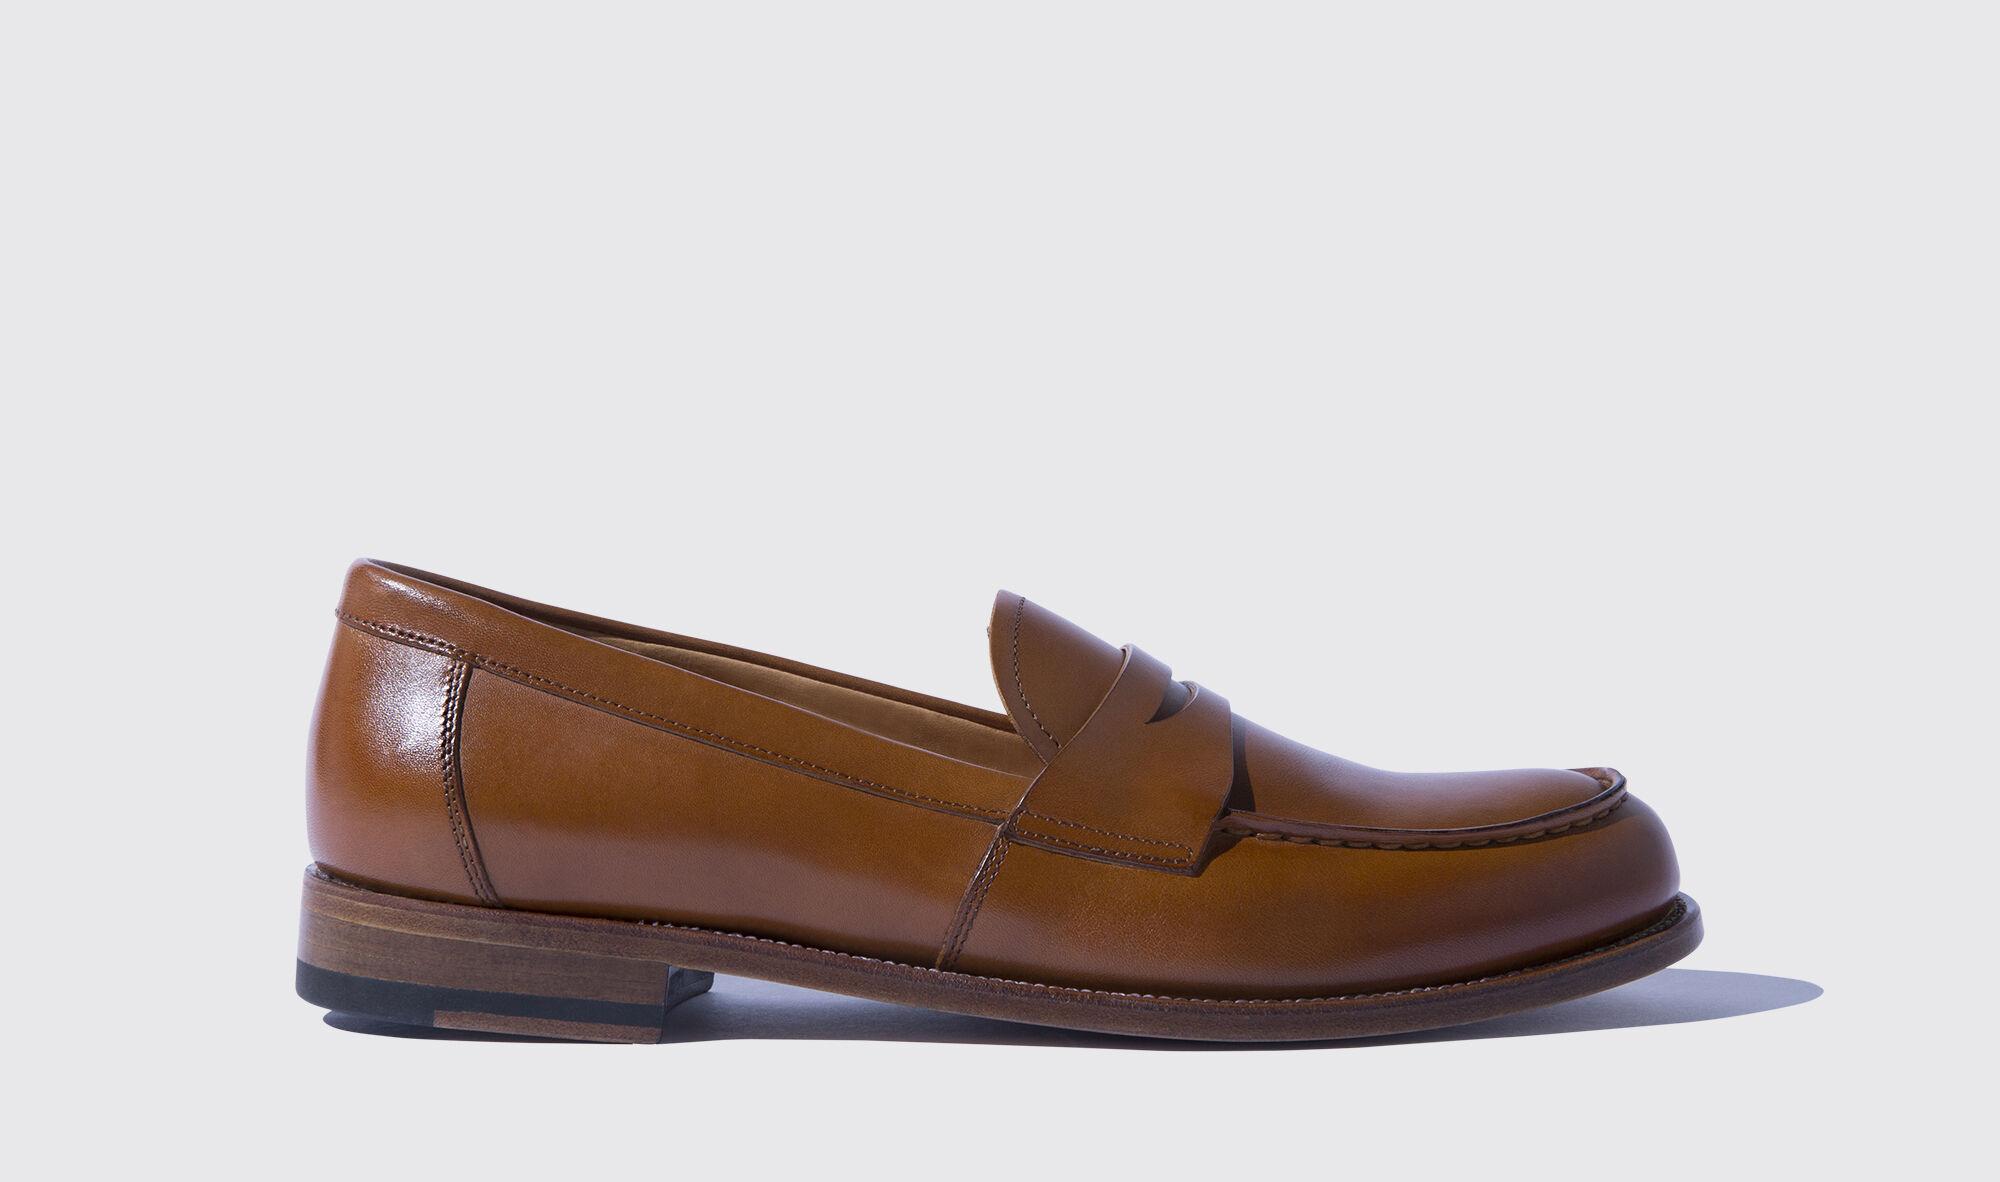 Braune Loafers für Damen Harper | Scarosso